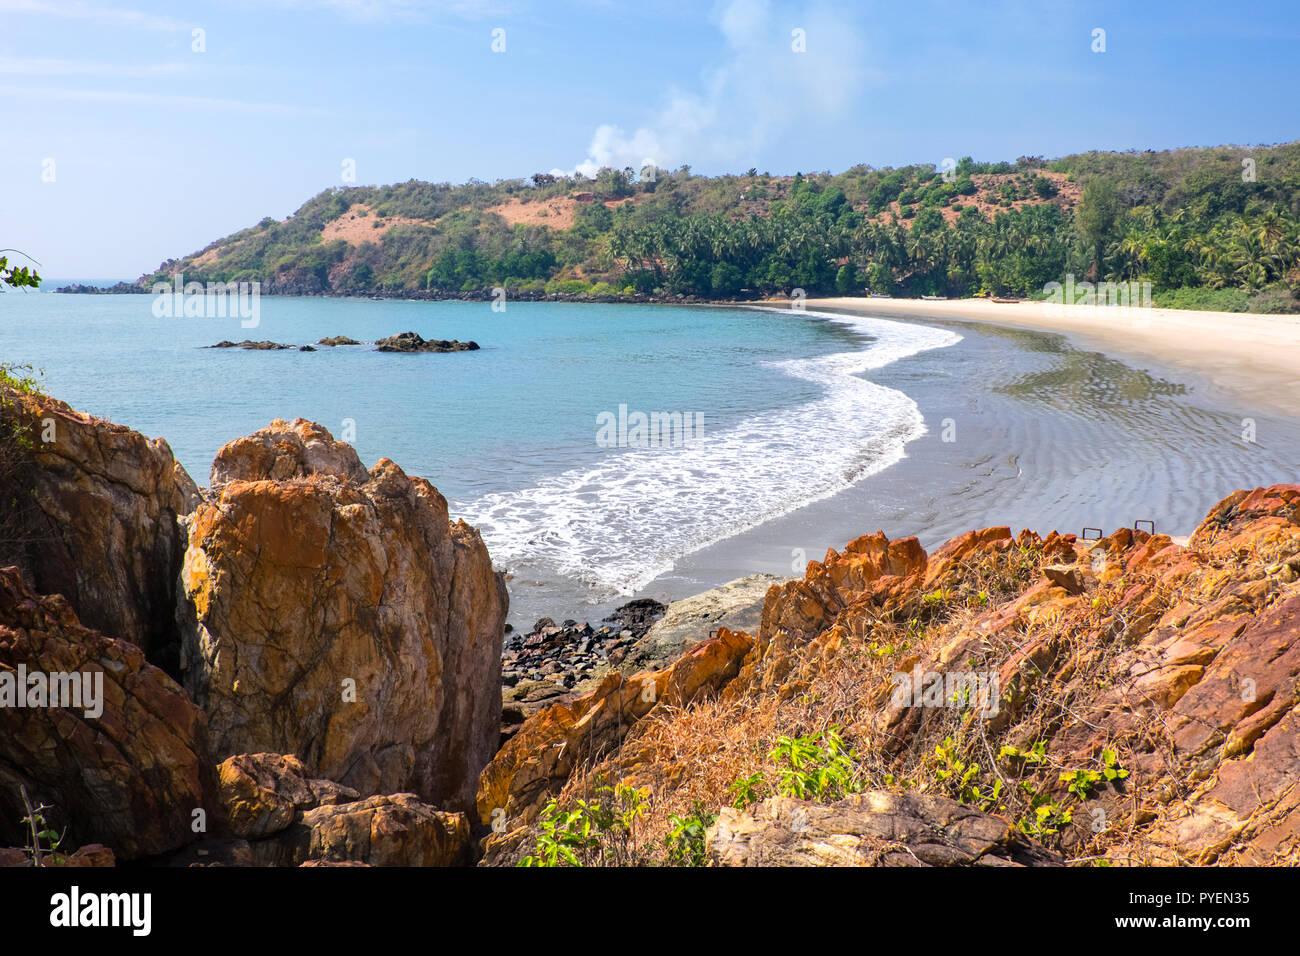 Una spiaggia deserta di nello Stato di Maharashtra, India Immagini Stock